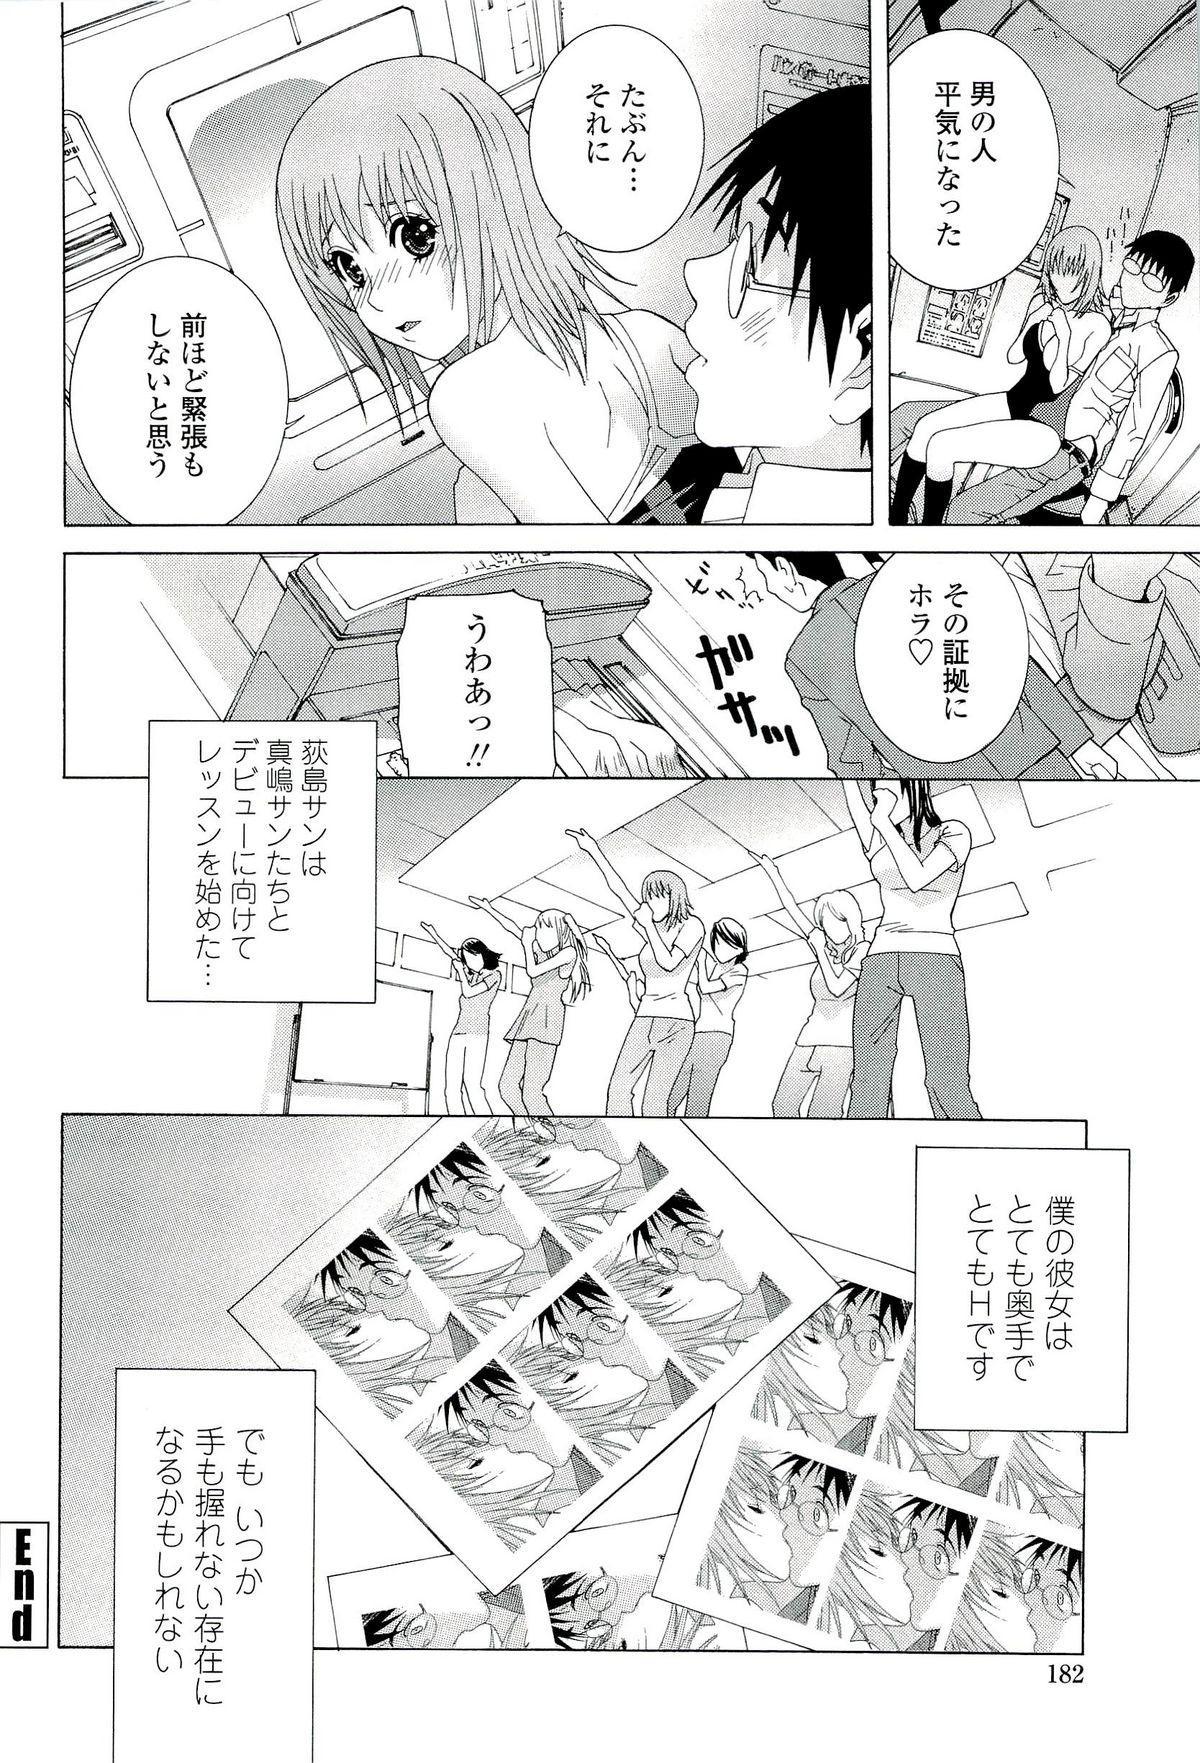 Ane ♡ Mai Love 185